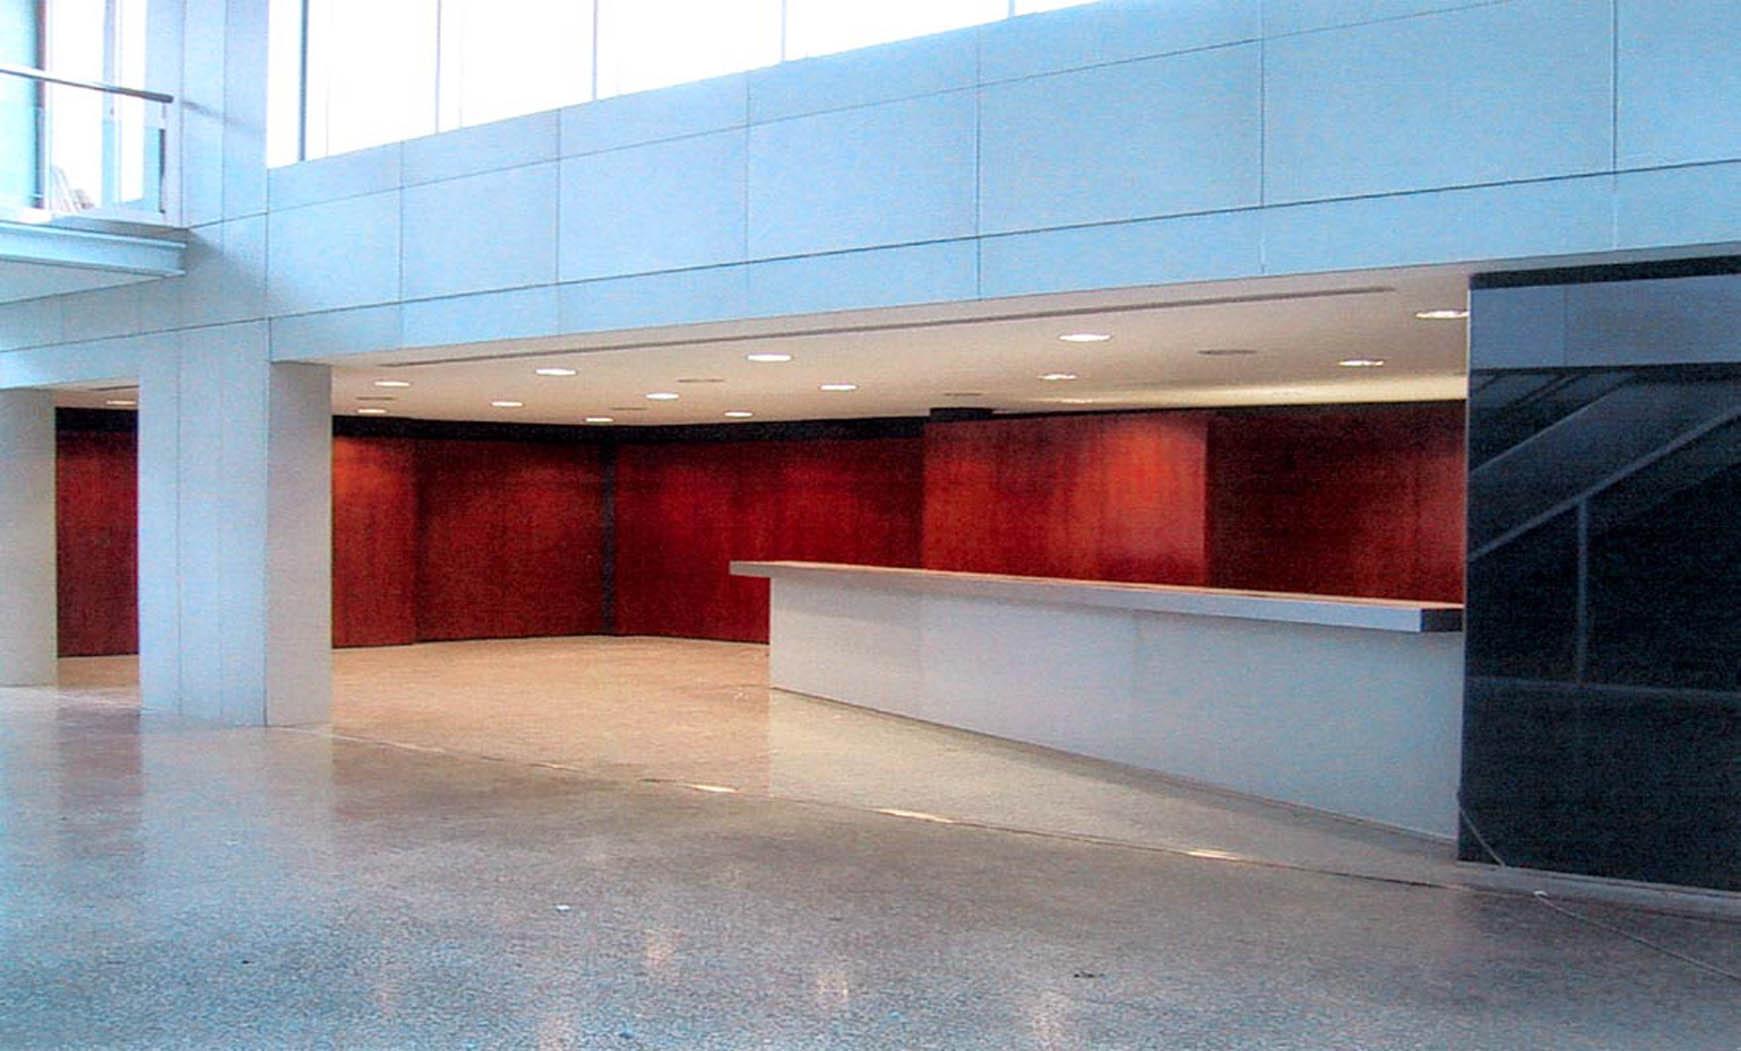 Ampliación del vestíbulo de acceso al museo del F.C.B. (2002)